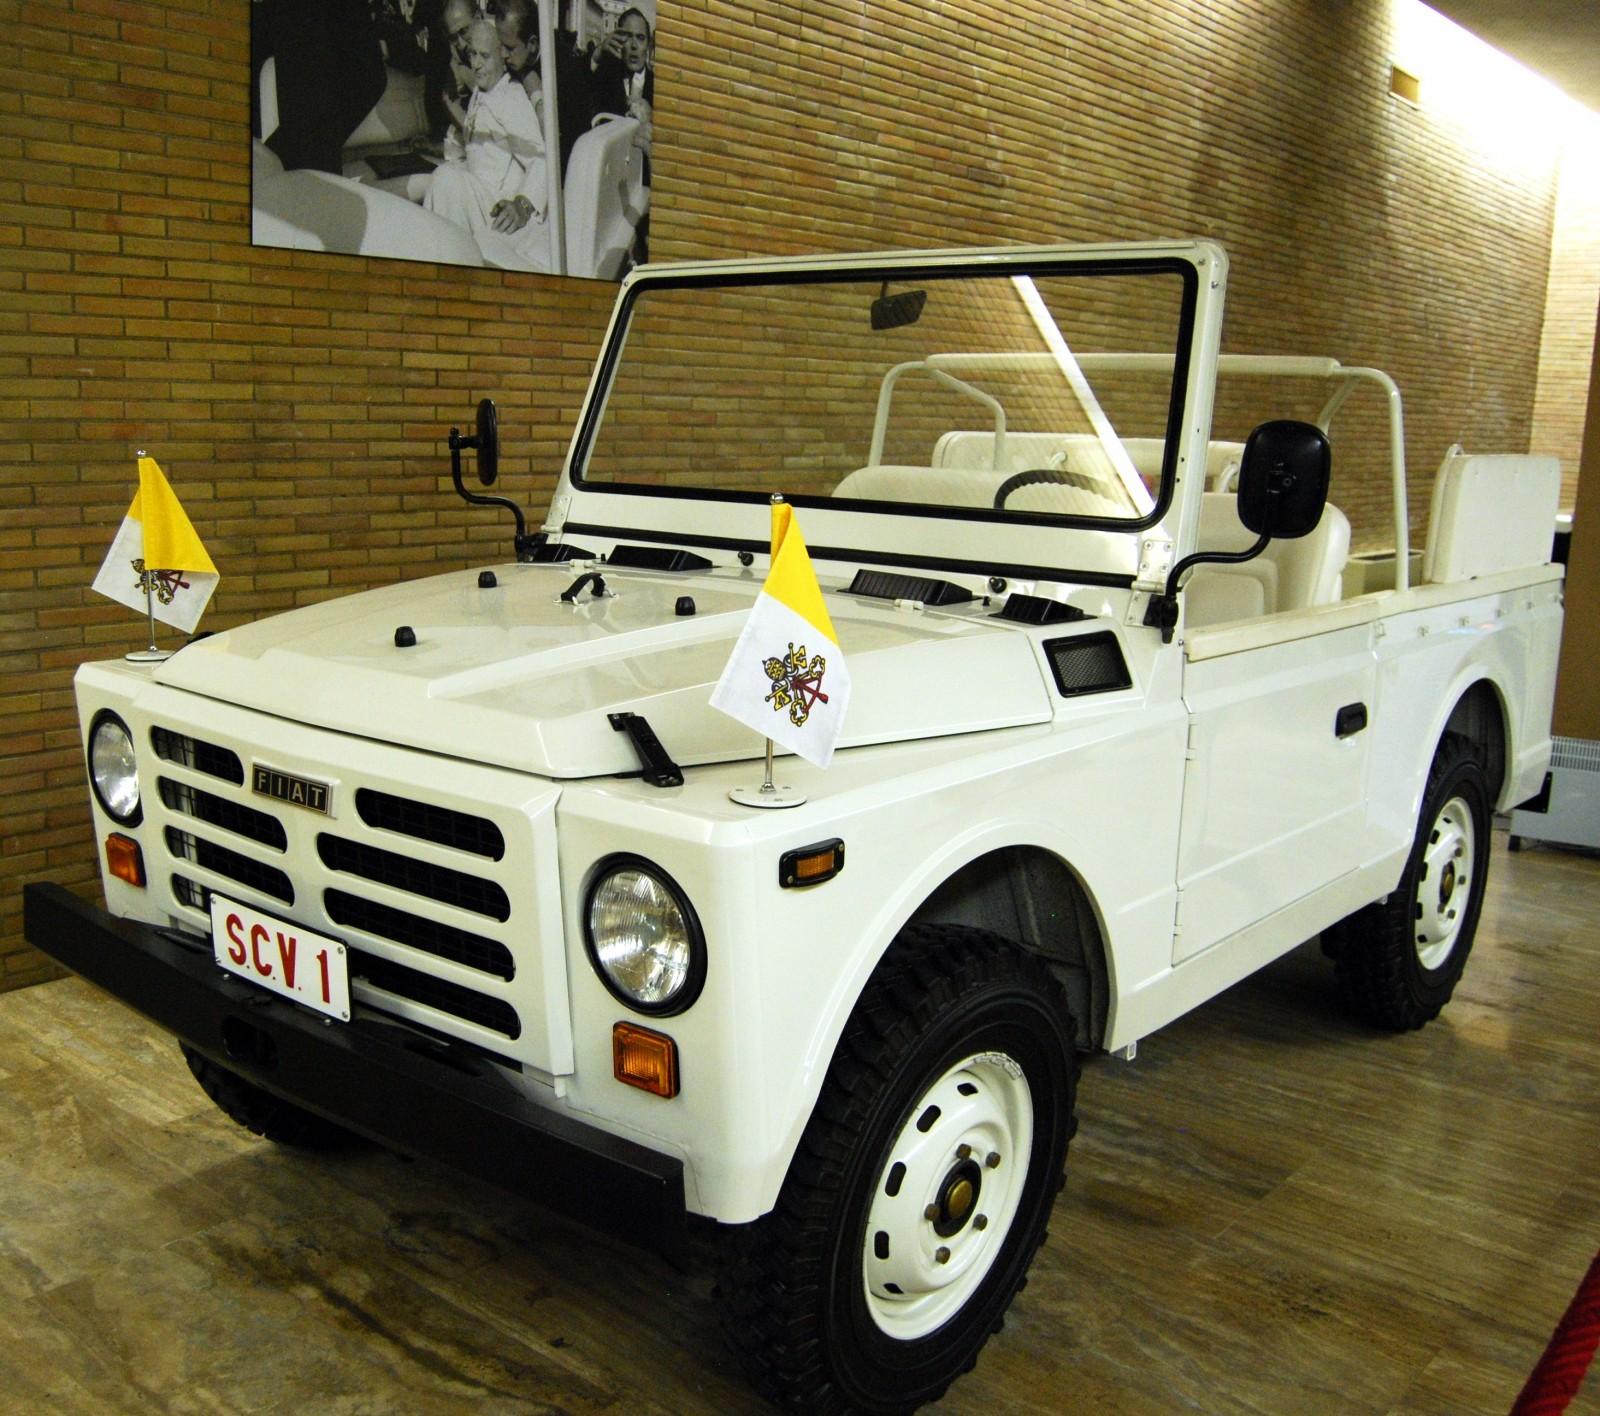 Det var i en Fiat Nuova Campagnola som Johannes Paulus II färdades i när han utsattes för ett attentat.